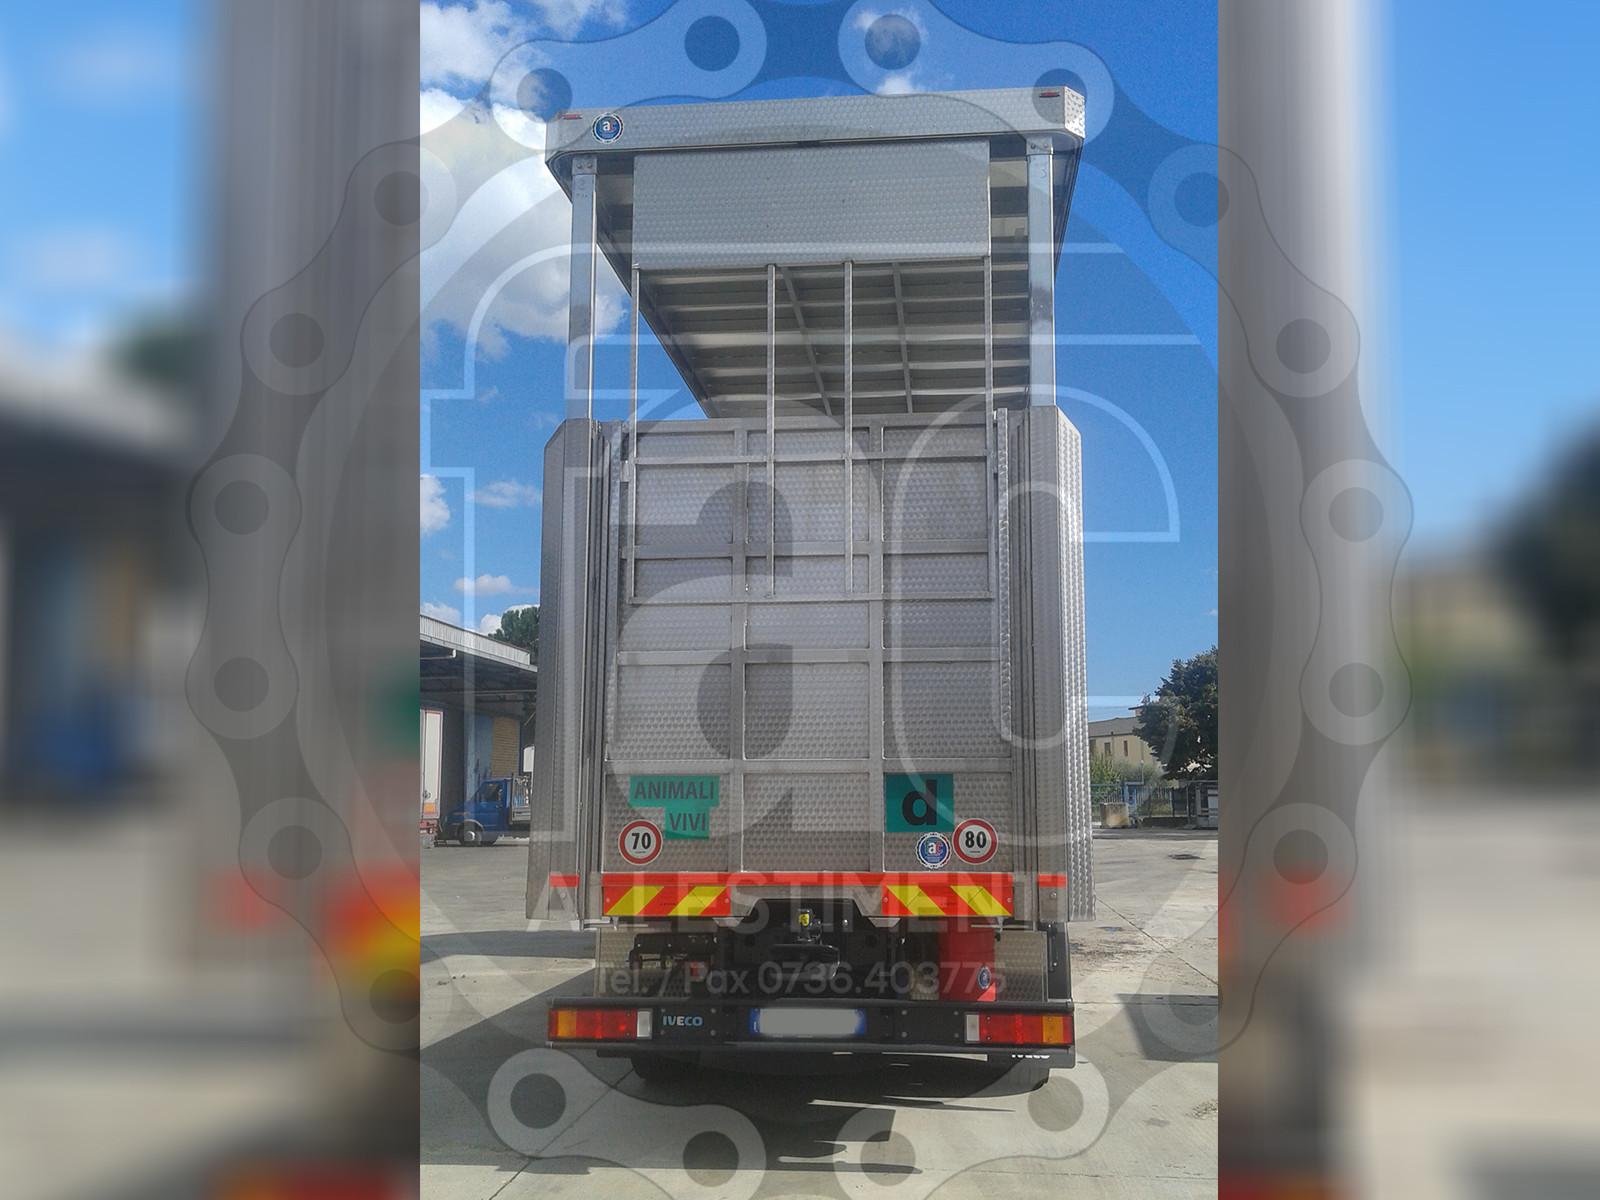 Realizzazione di camion per trasporto animali vivi 15